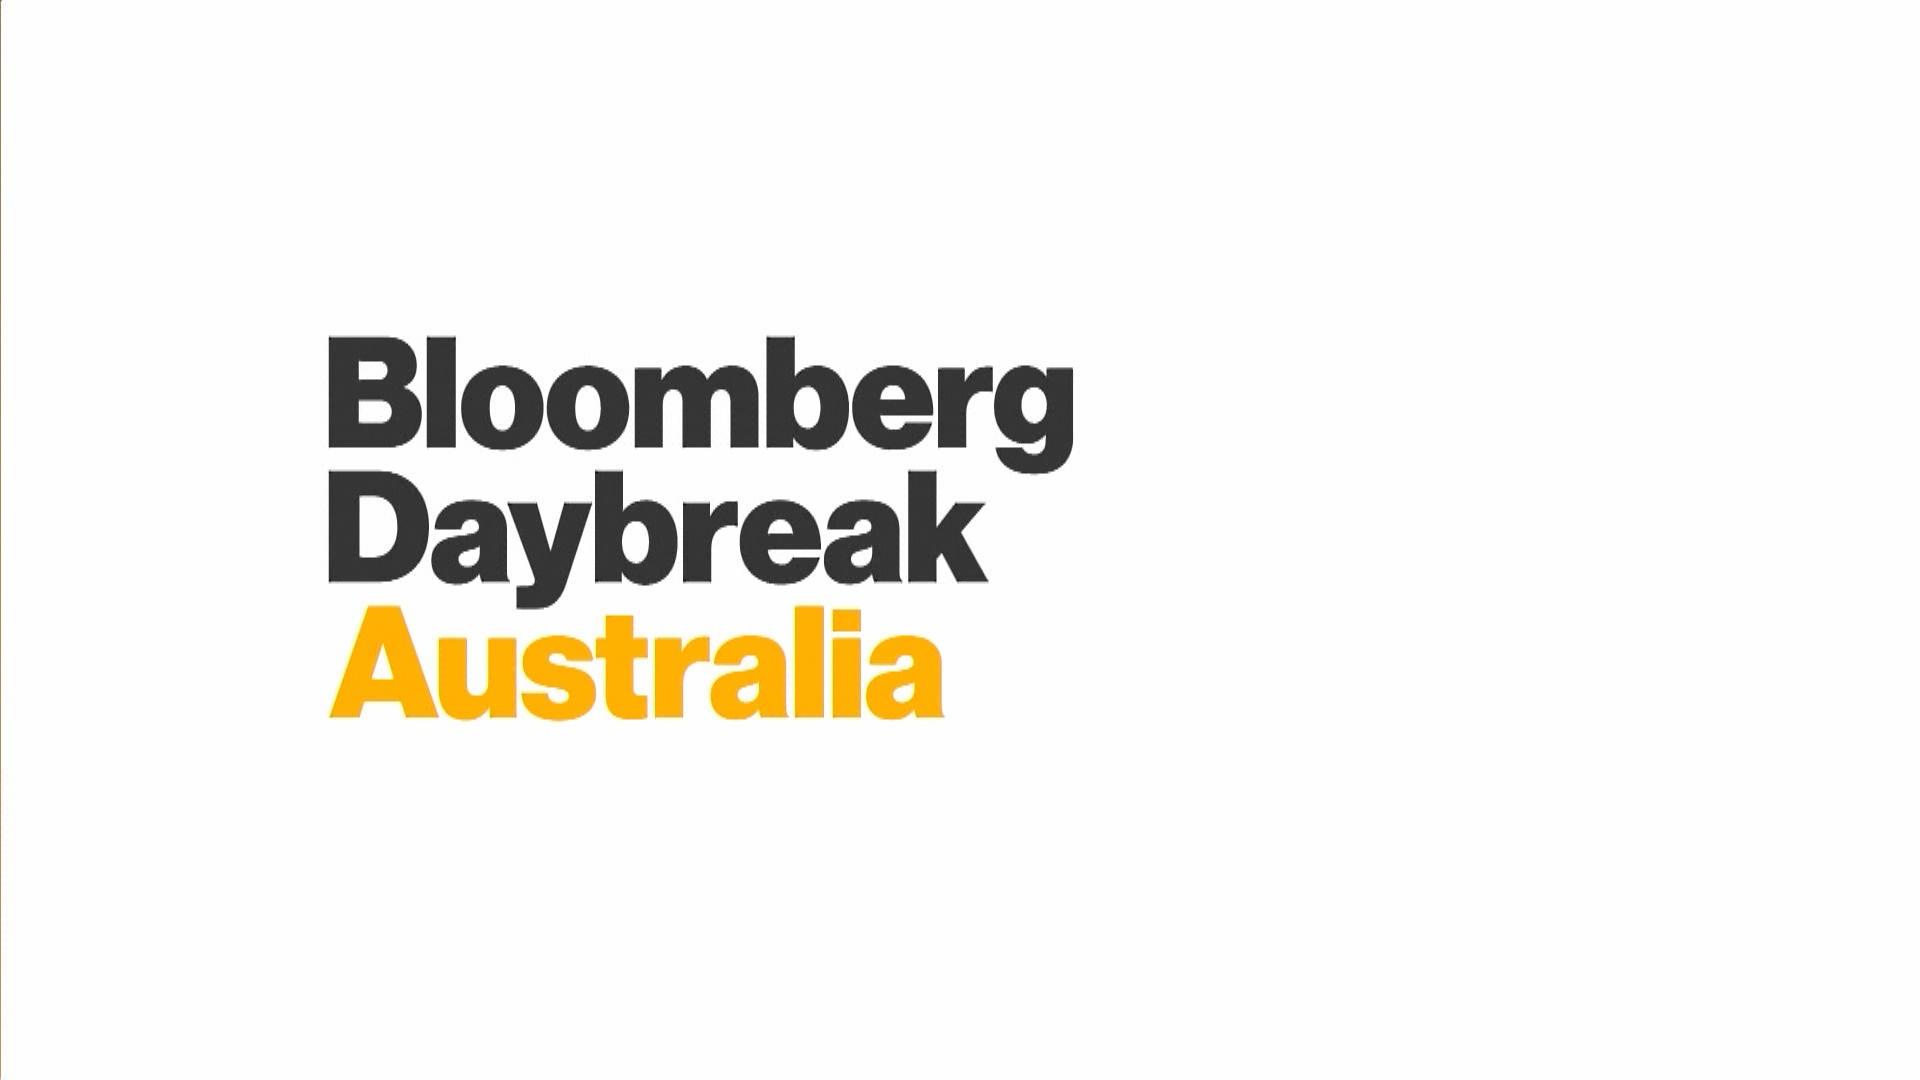 Bloomberg Daybreak: Australia' Full Show (02/13/2019) - Bloomberg